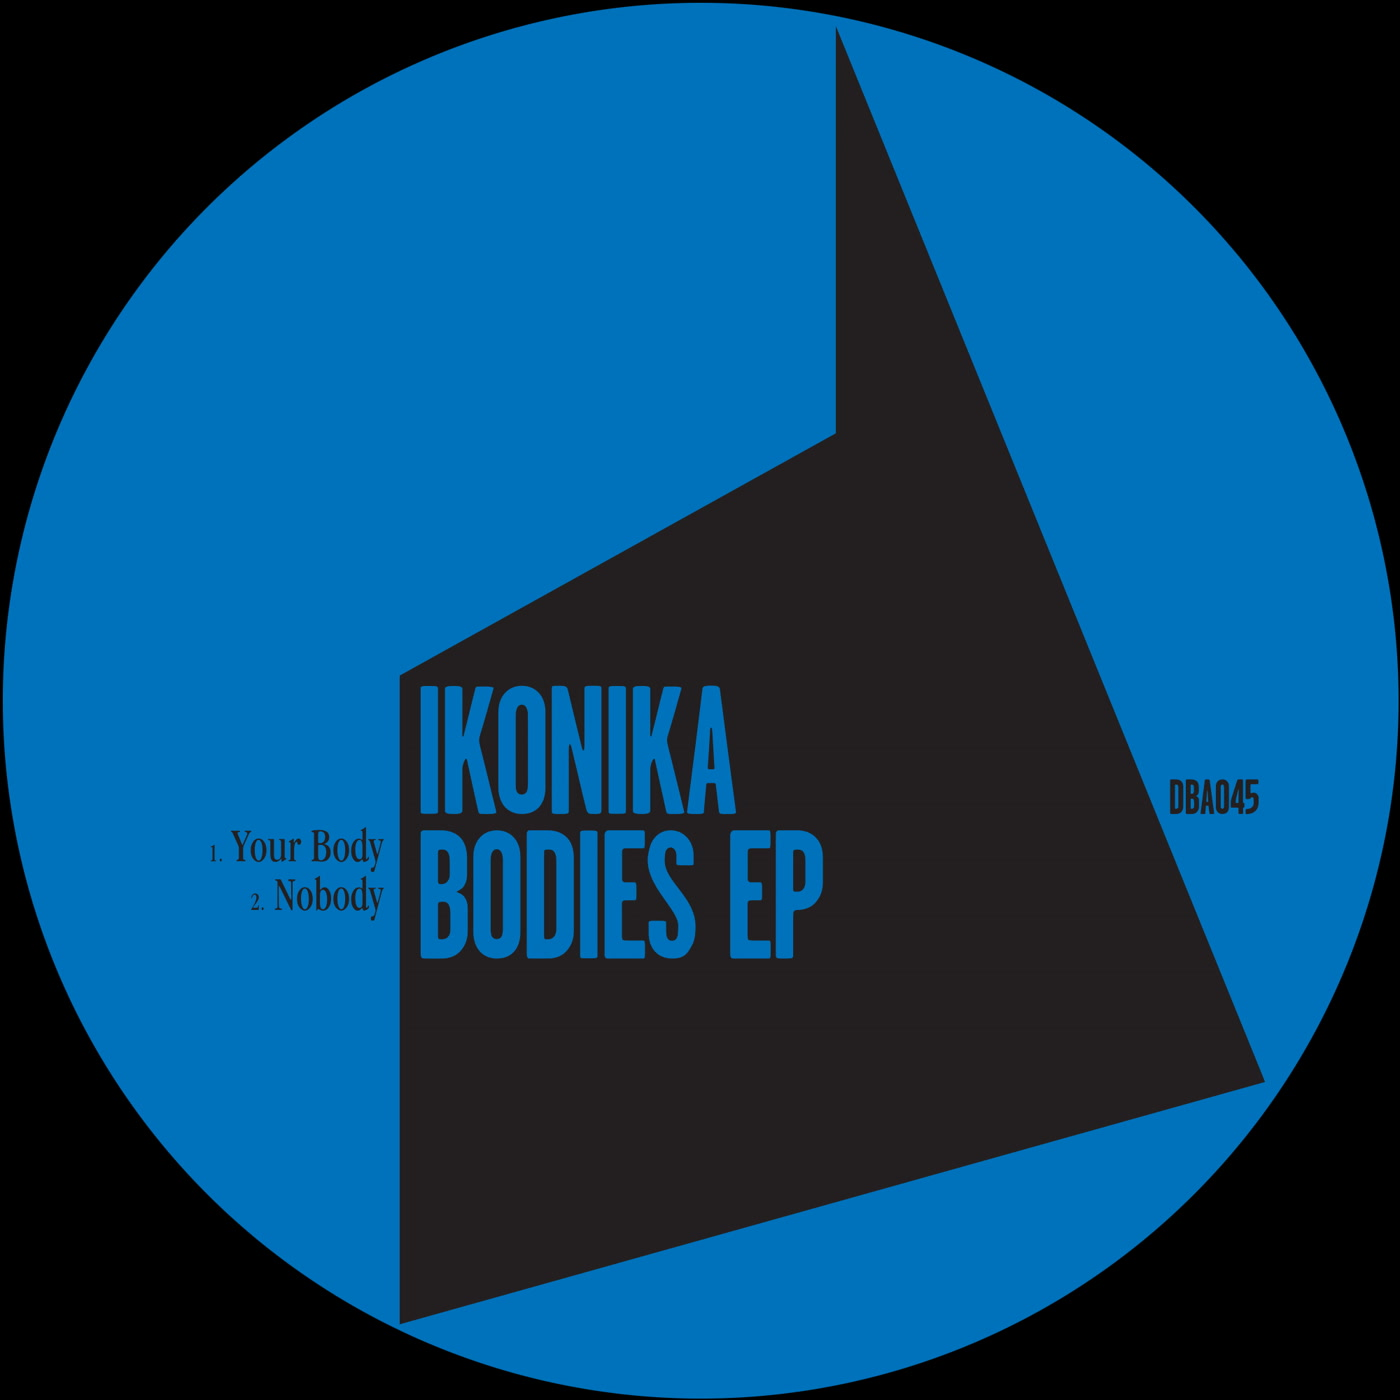 Ikonika – Bodies (Don't Be Afraid)